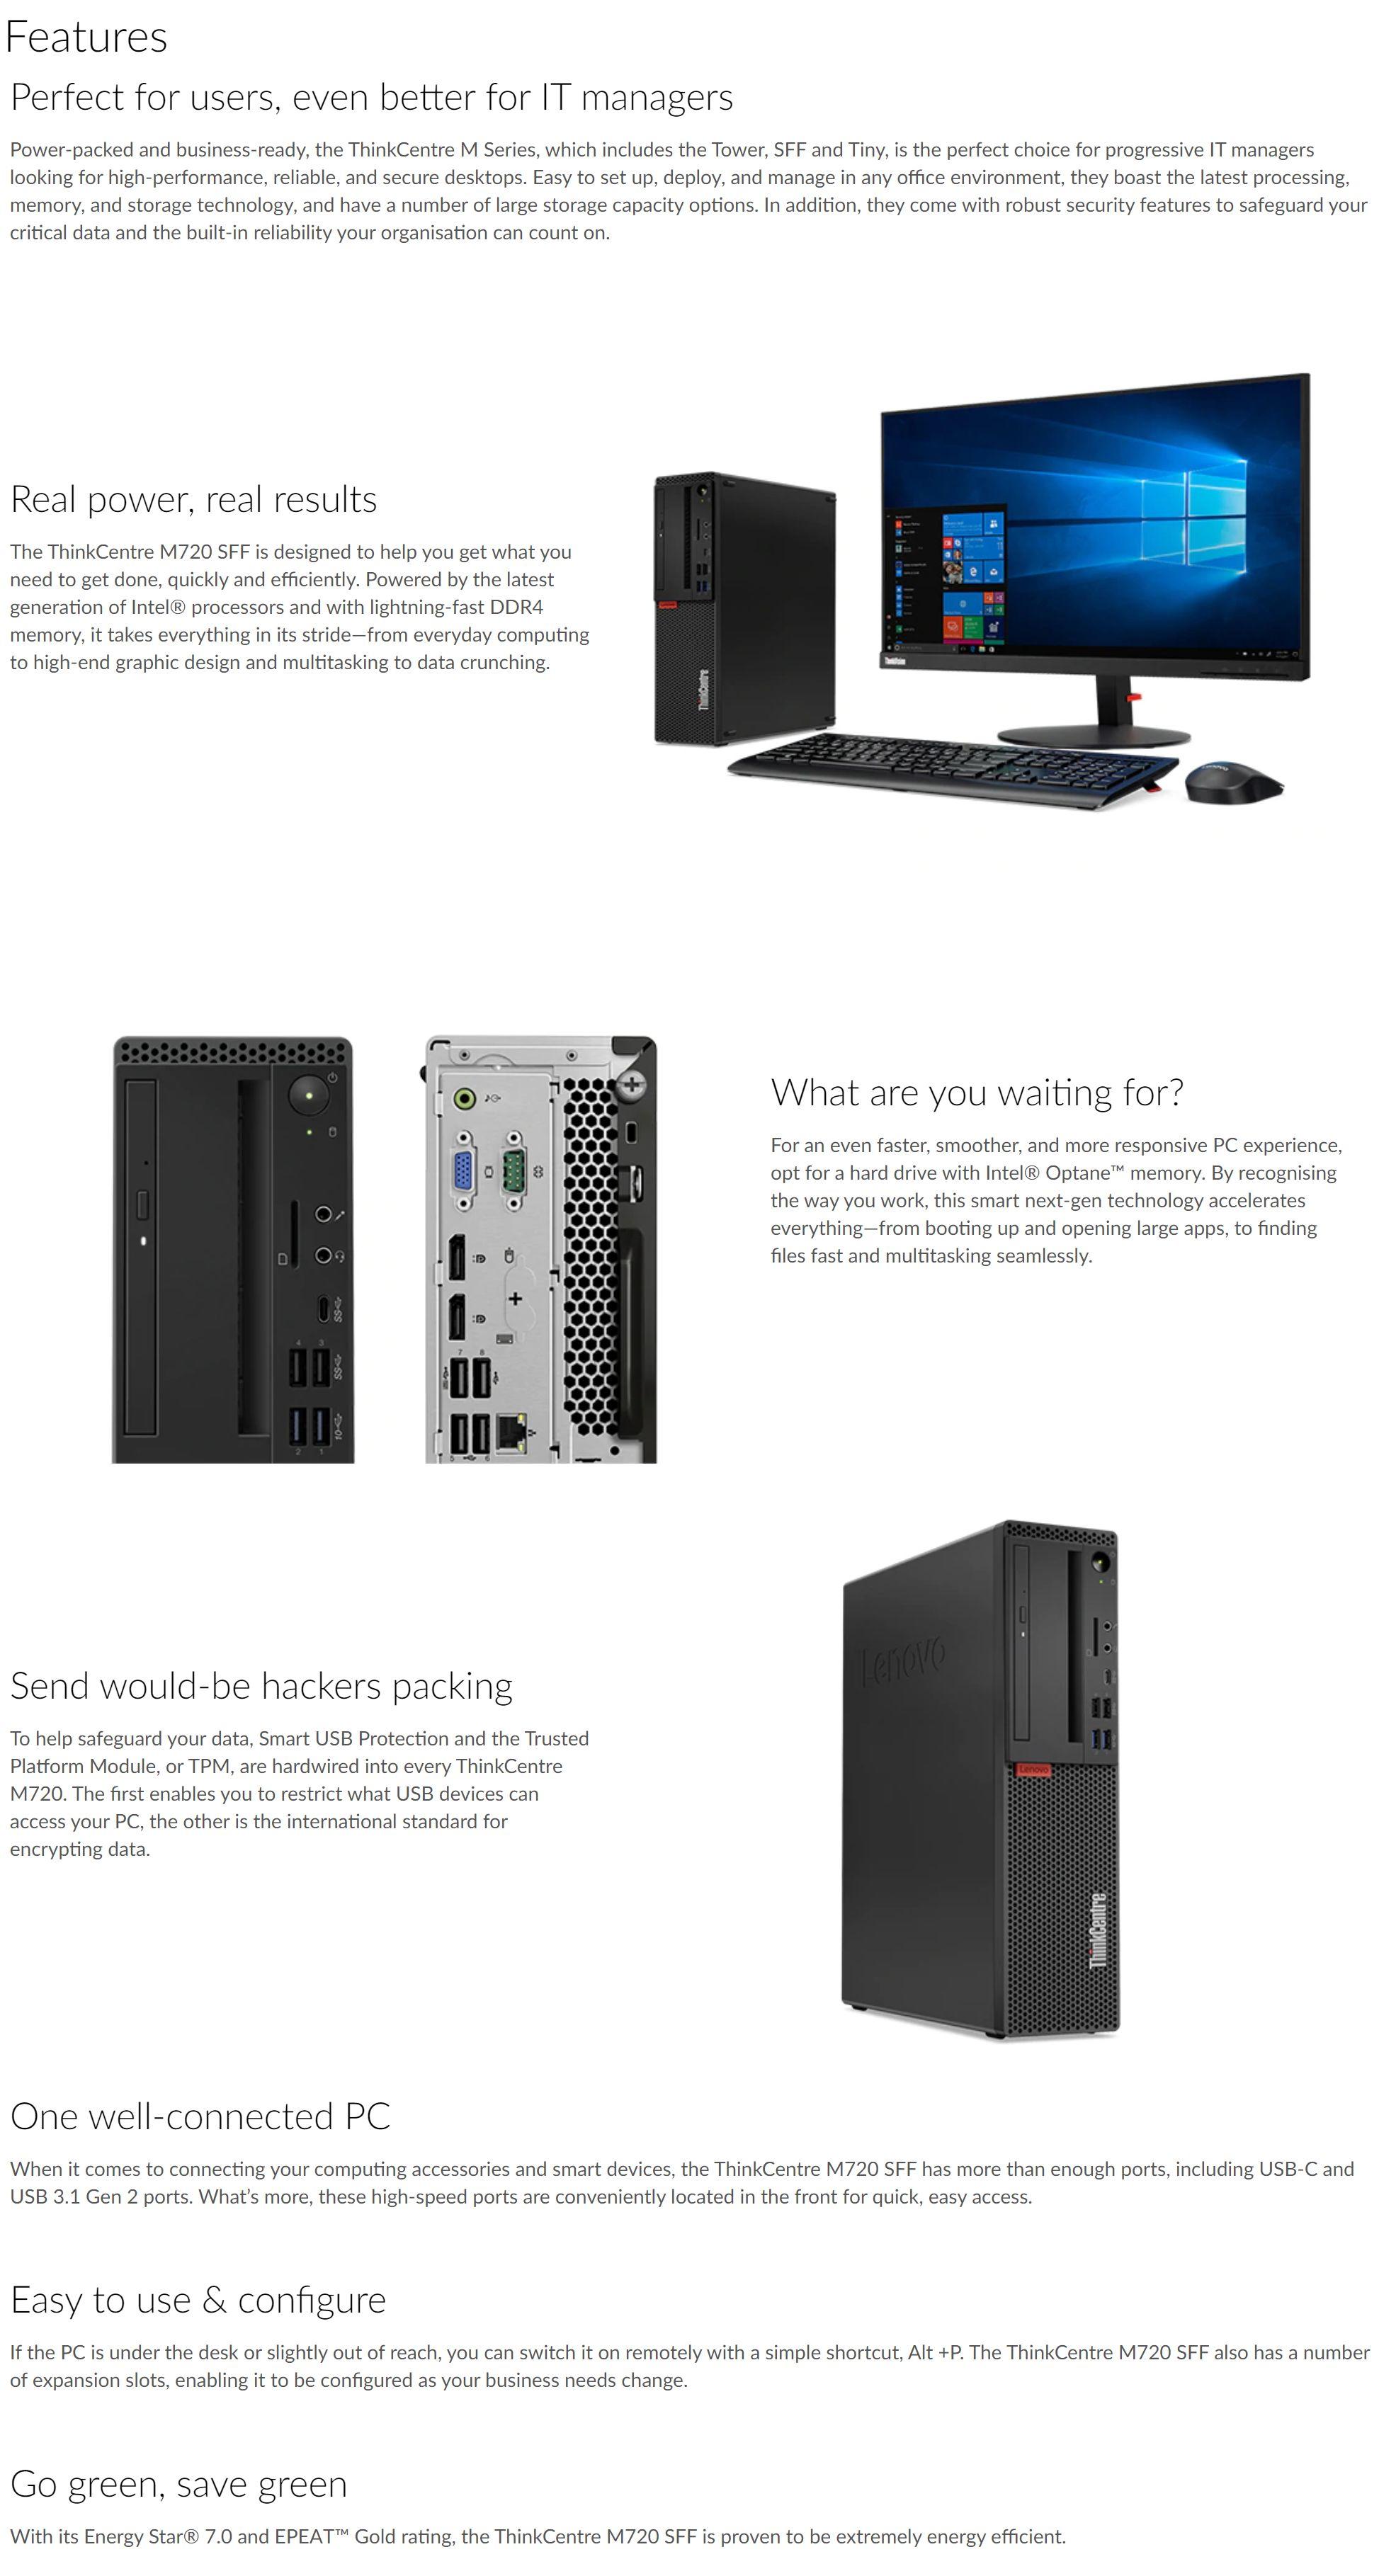 #1562 - 'ThinkCentre M720 SFF I High Performance Compact Desktop I Lenovo Australia' - www_lenovo_com.jpg